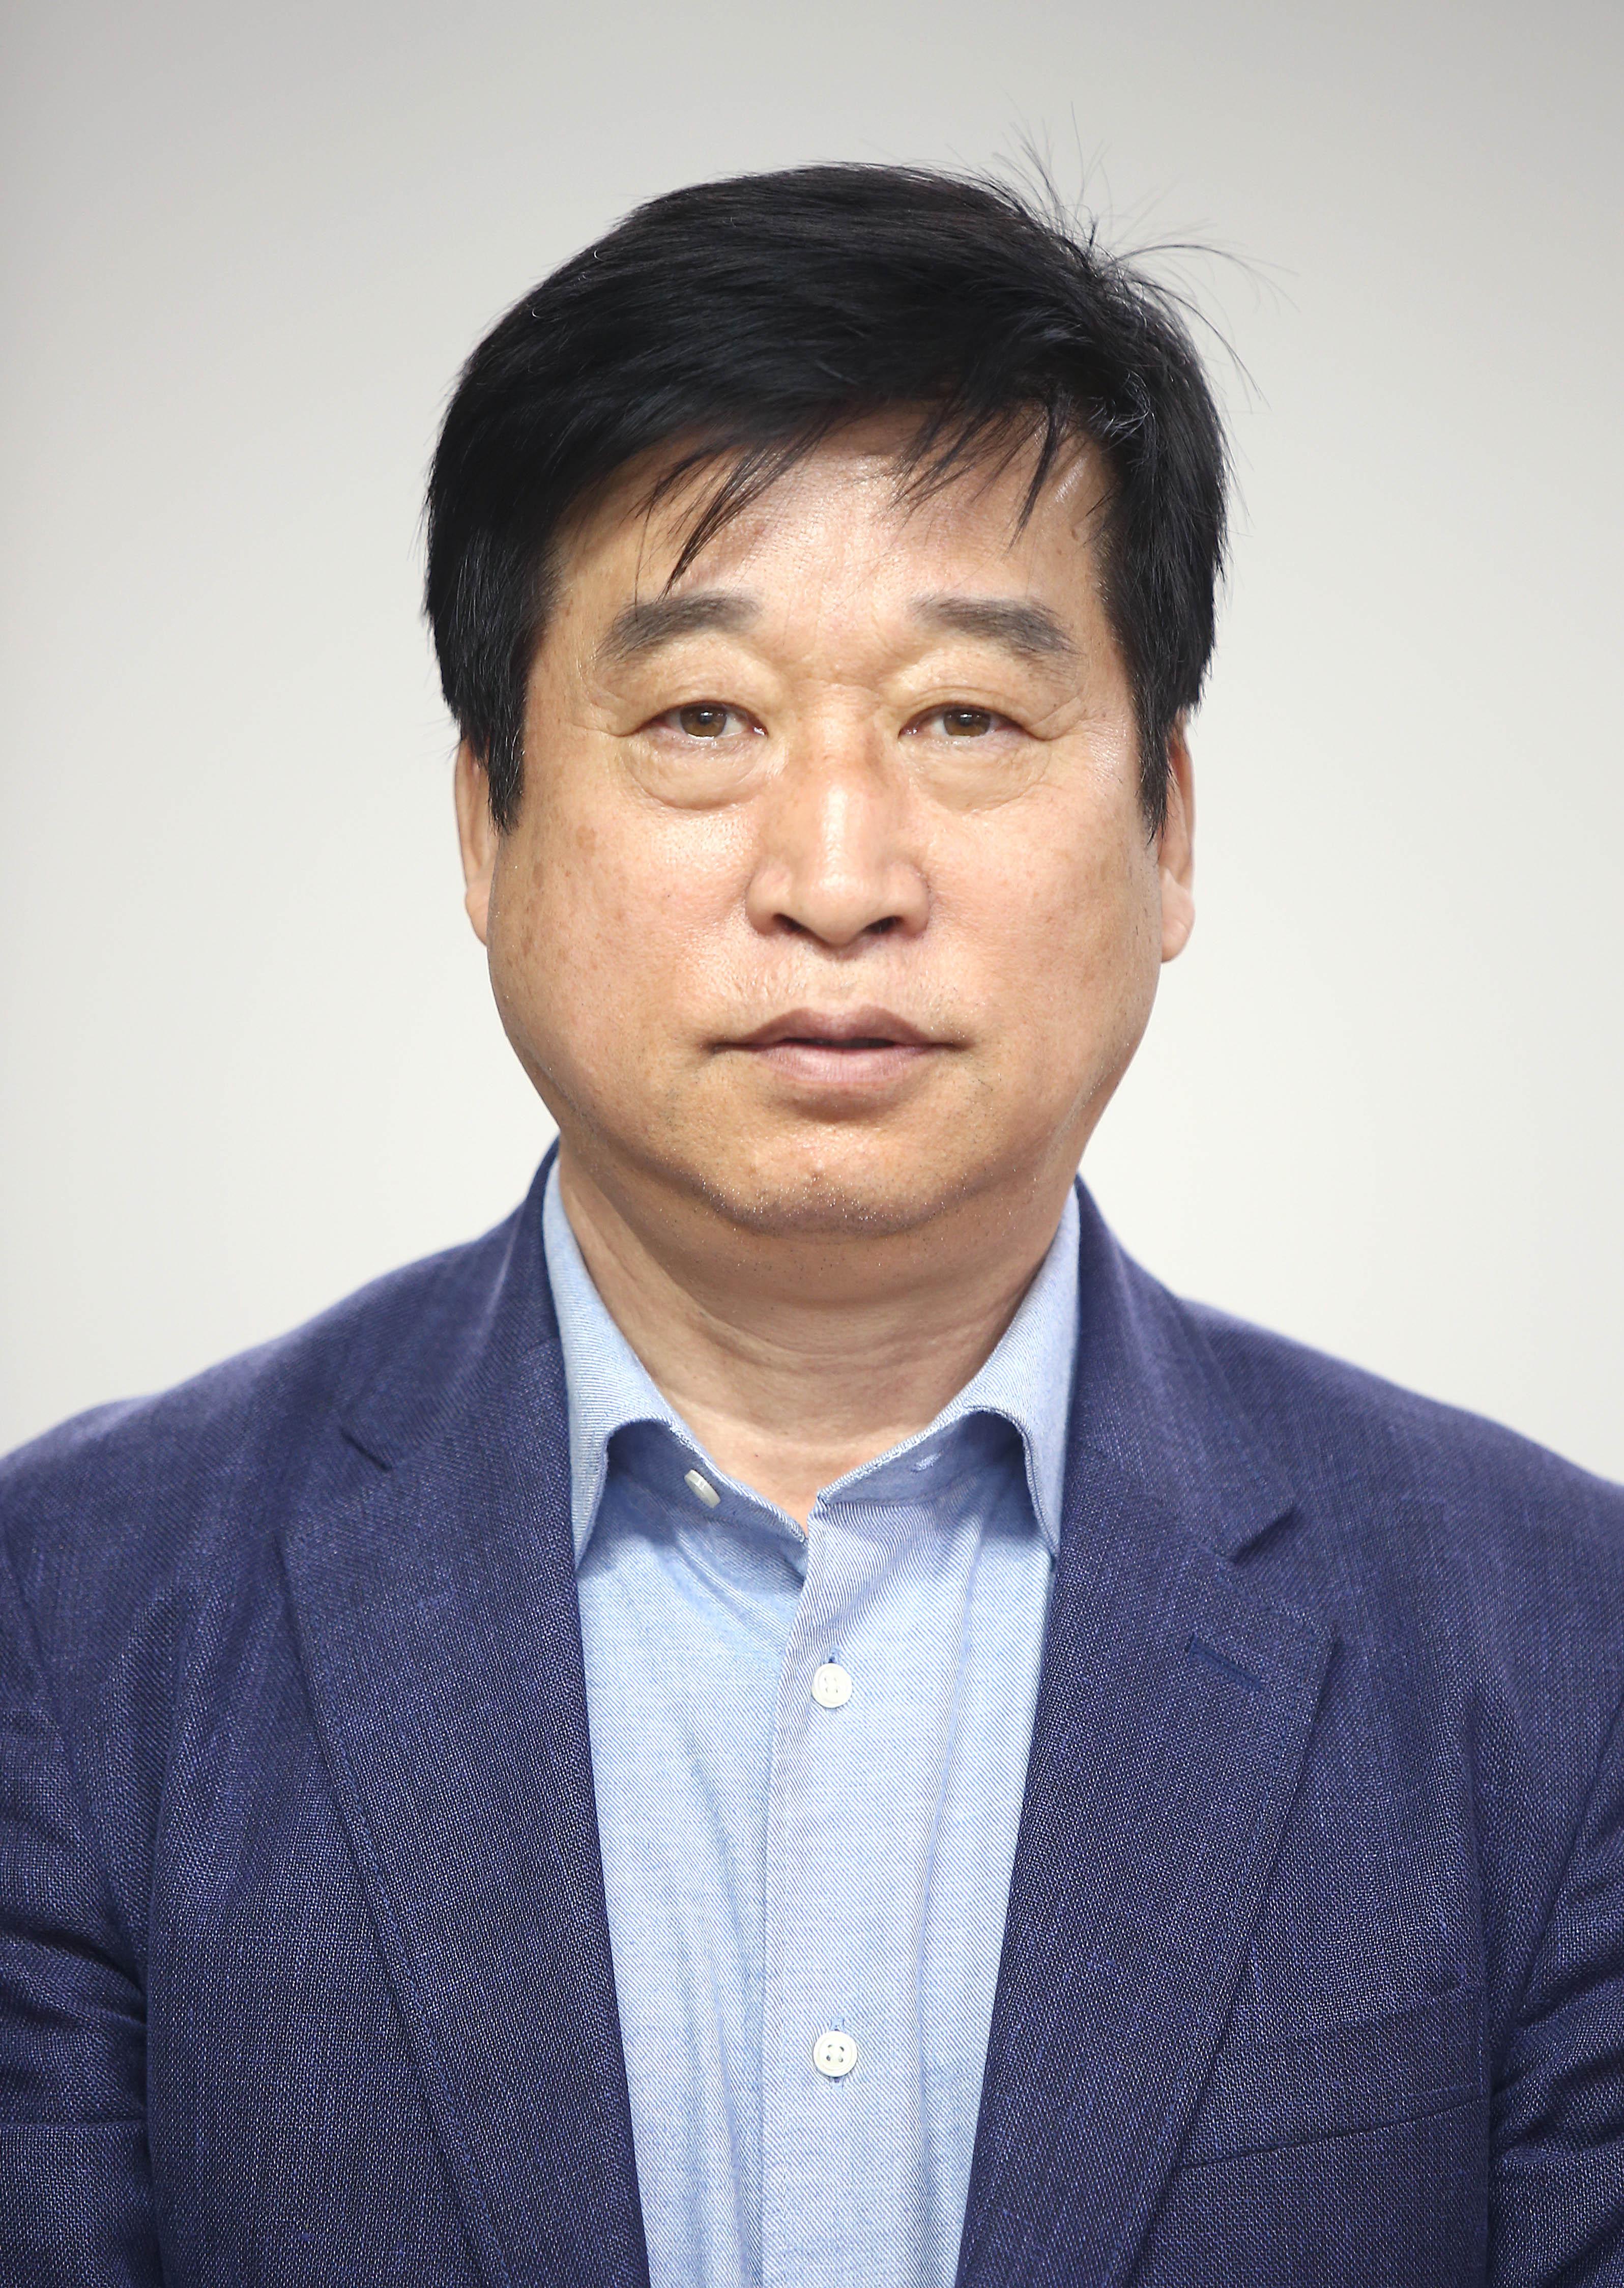 Kim Hochul